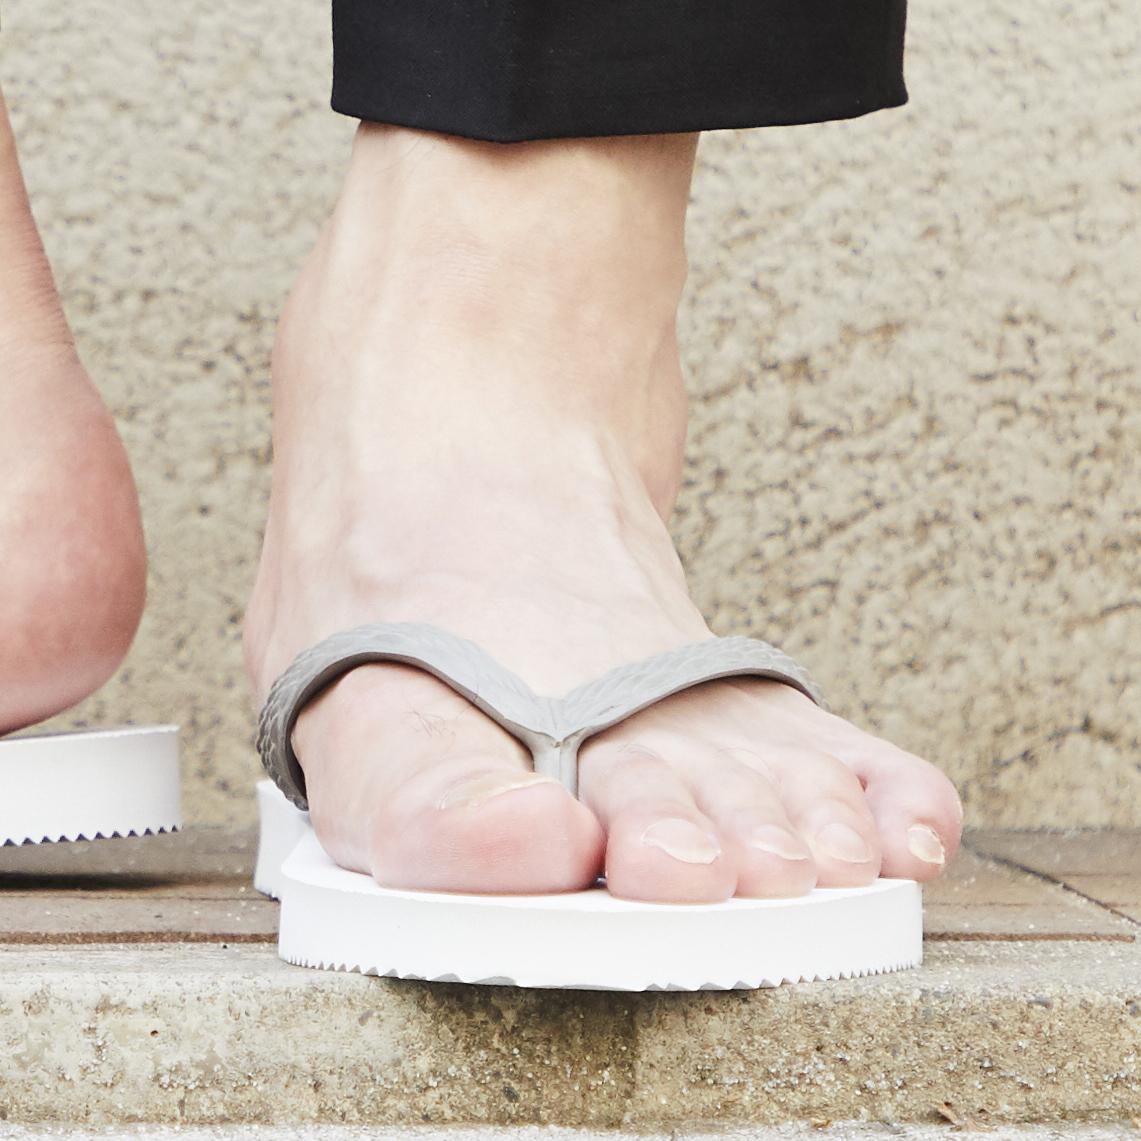 日本人の足型に沿った鼻緒|日本人の足型に沿った、歩きやすいビーチサンダル|九十九(つくも)サンダル